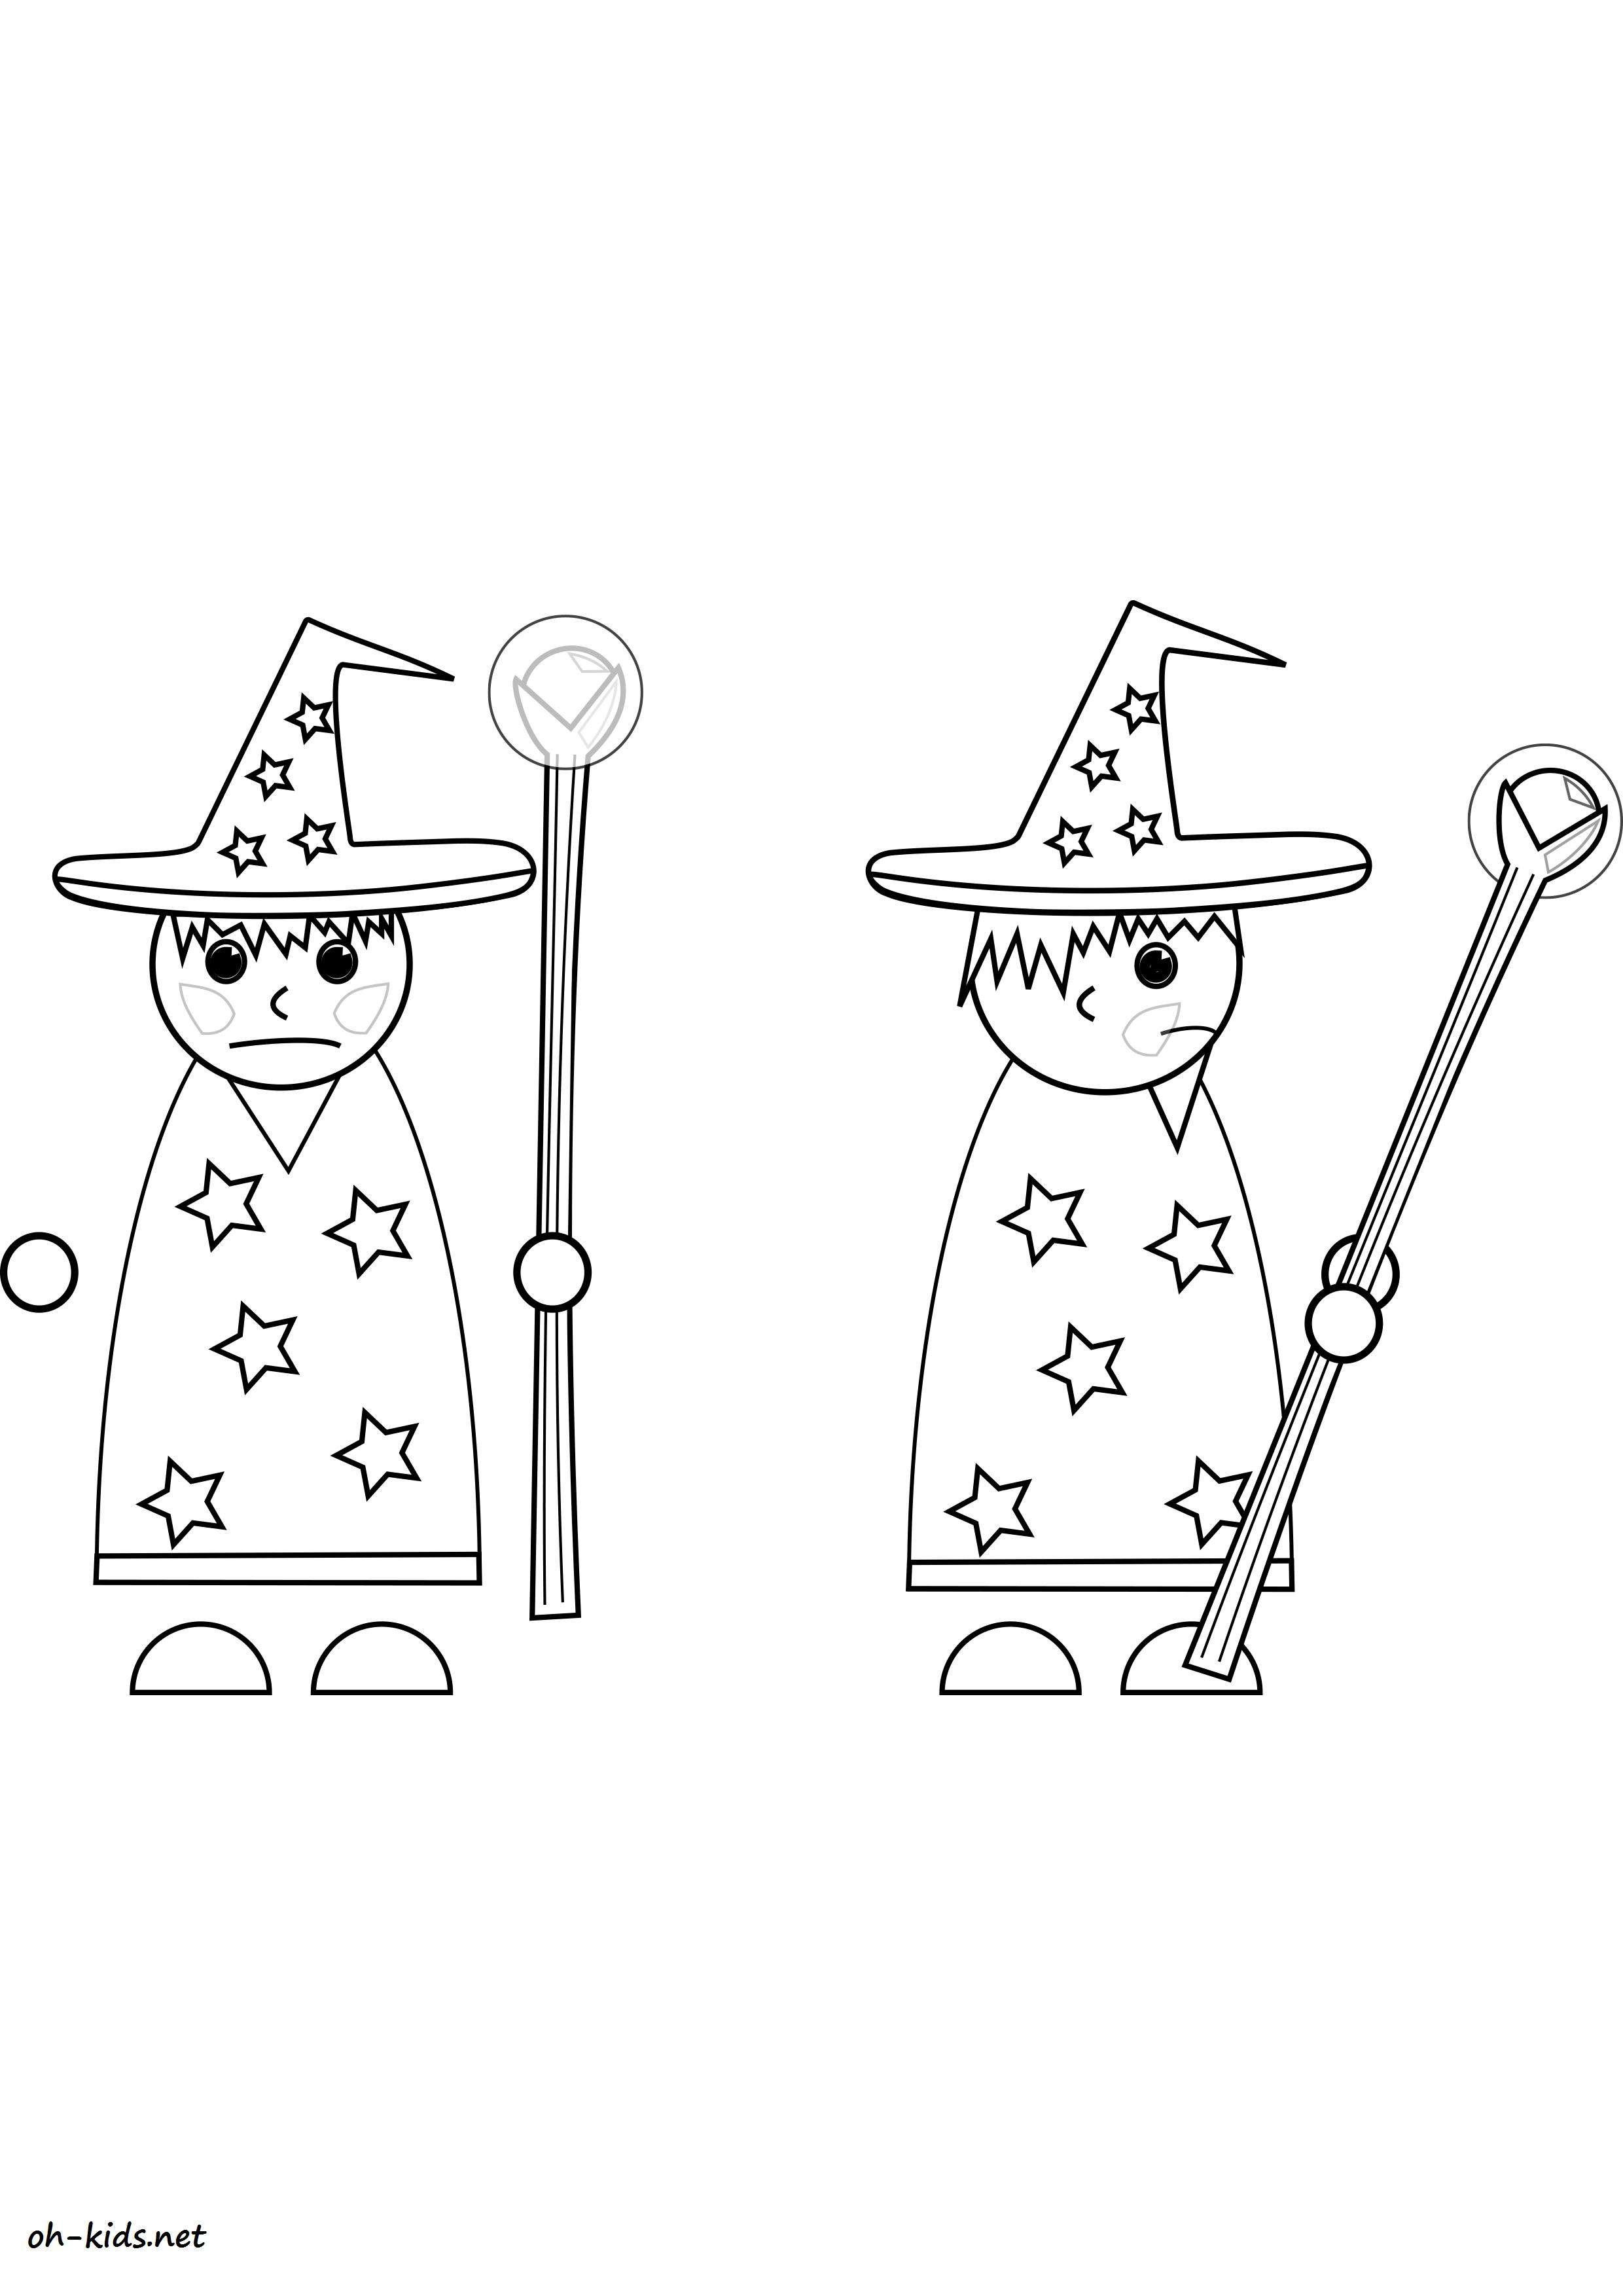 Dessin 596 Coloriage Cirque Magicien à Imprimer Oh Kidsnet